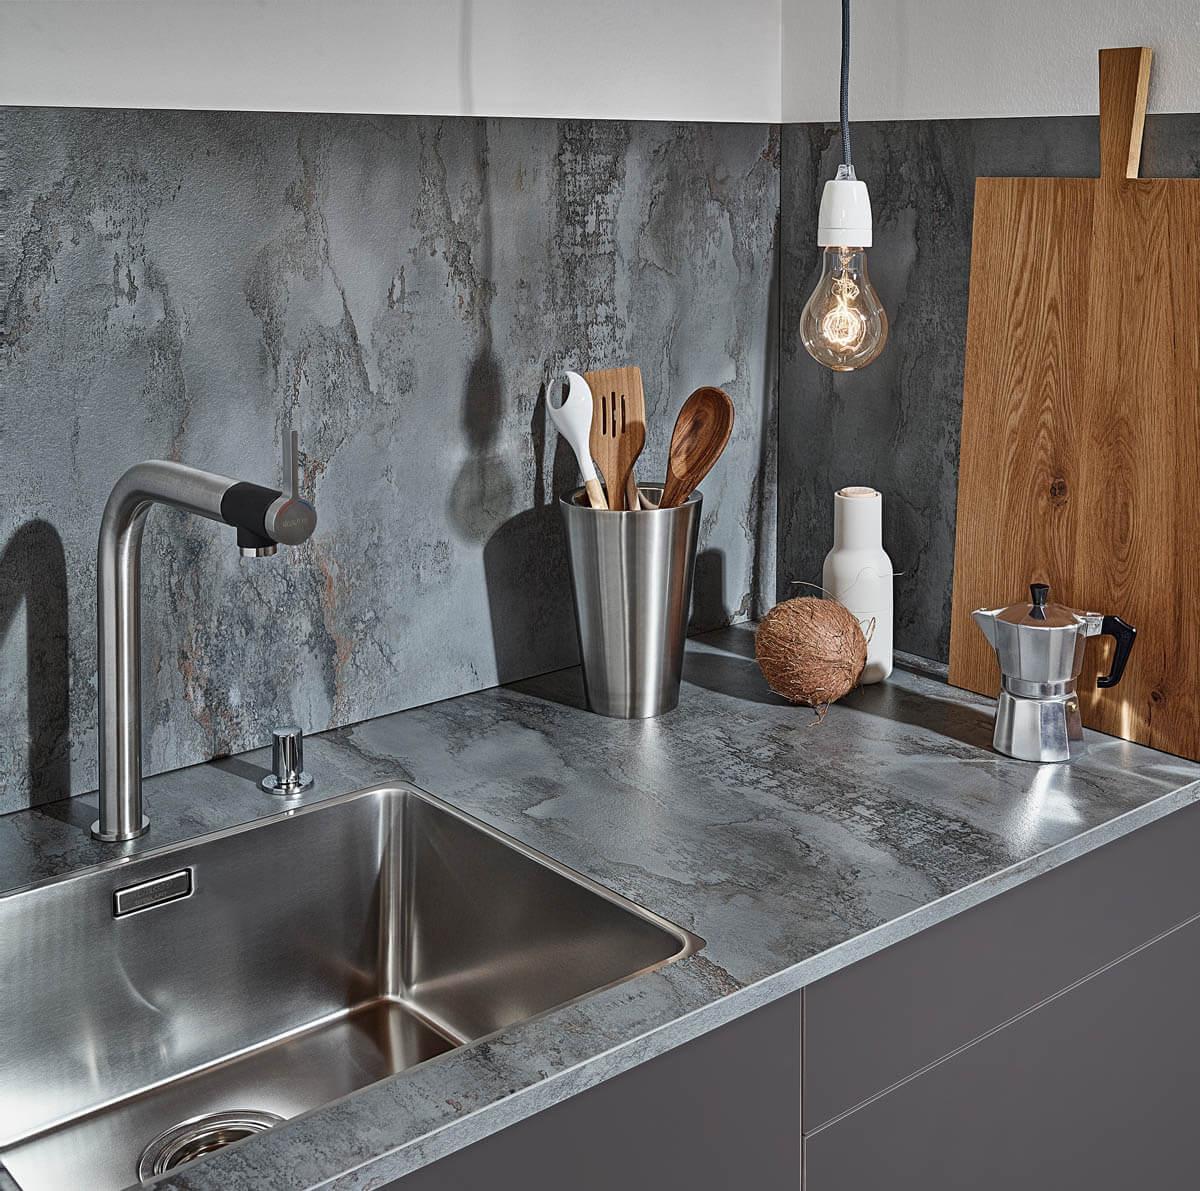 Kchenarbeitsplatten Vergleich Bilder Preise Vorteile und Nachteile von Holz Granit Beton